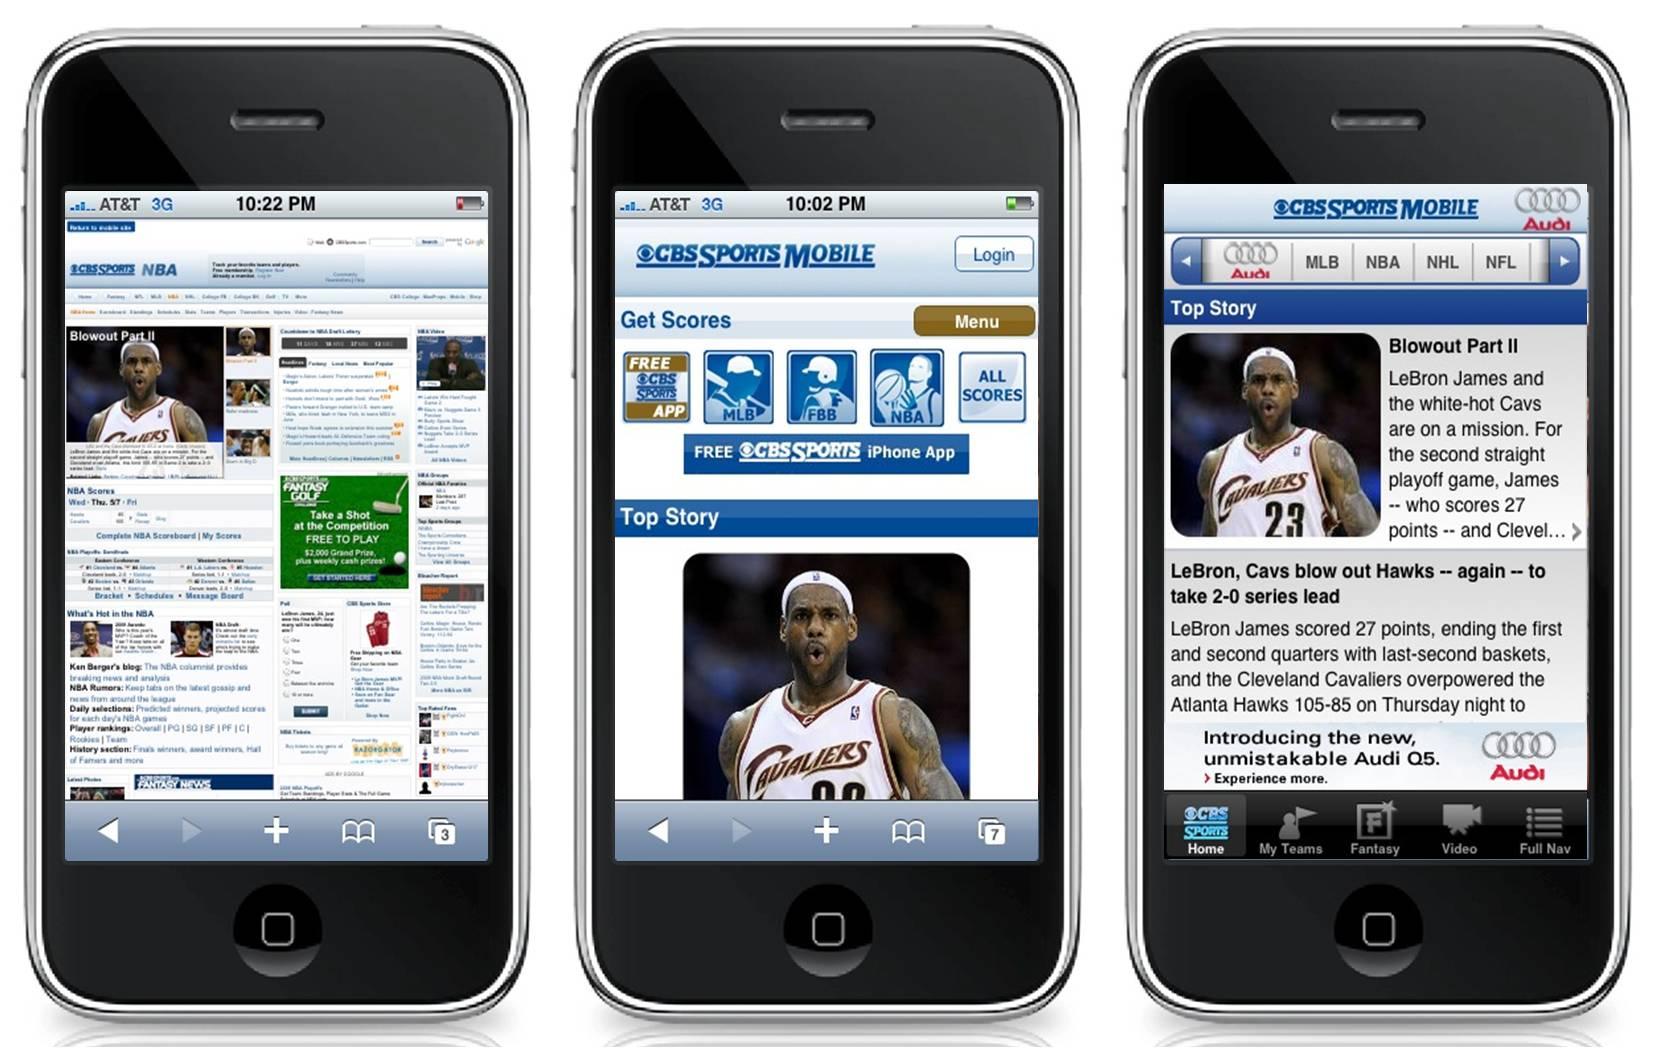 Mobile Web Design 2013